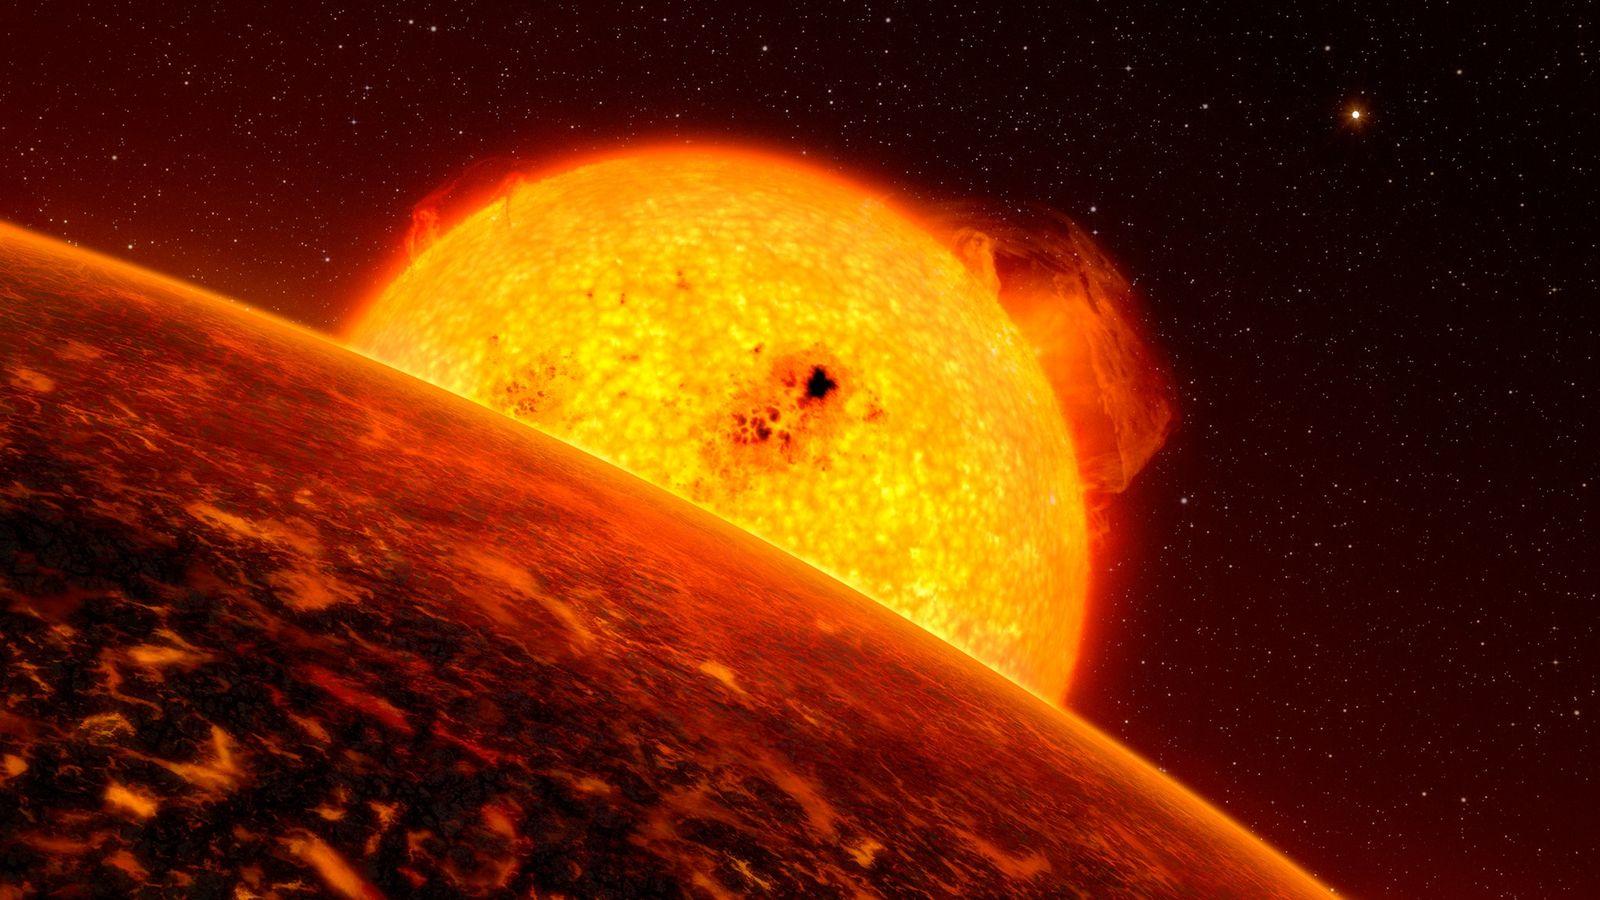 Une exoplanète tourne autour de son étoile hôte dans une illustration. Un nouveau regard sur les ...